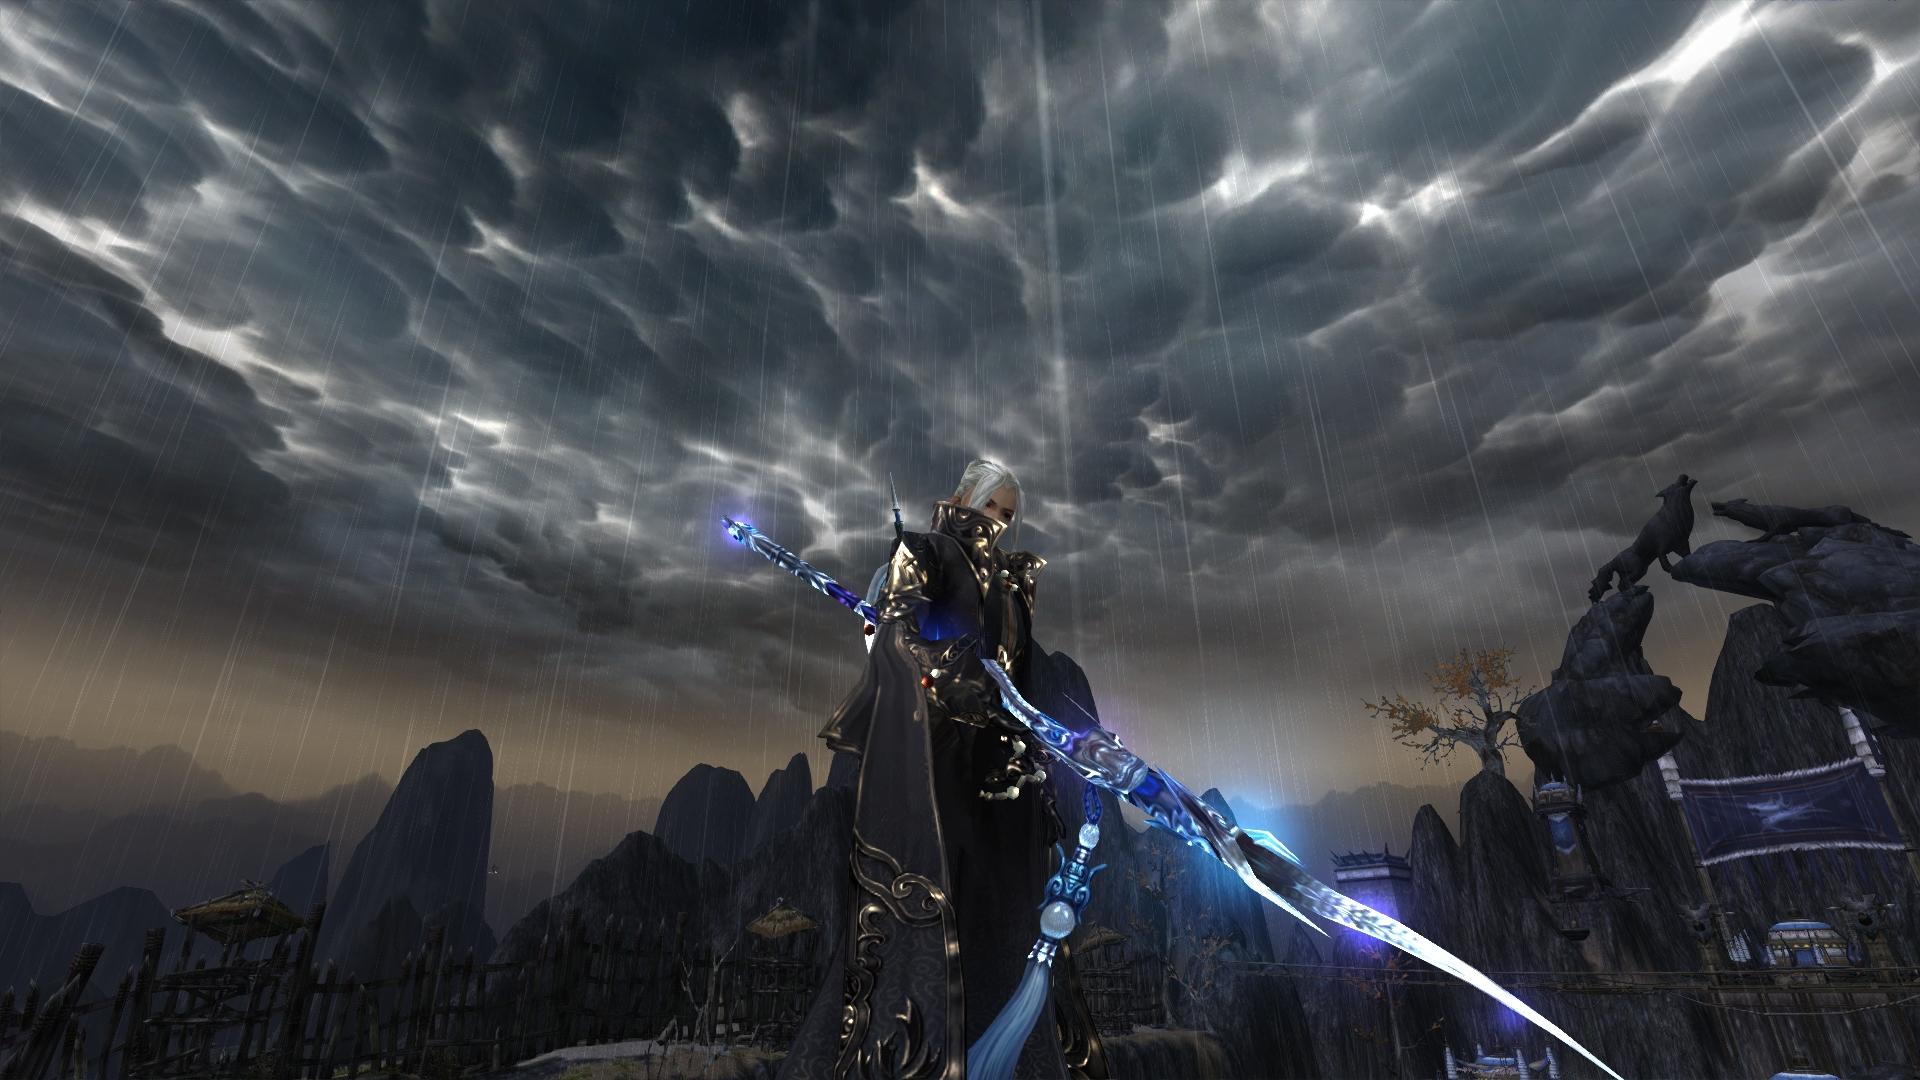 剑三天策高清壁纸剑网三血战天策壁纸相关图片展示 剑三天策南皇套